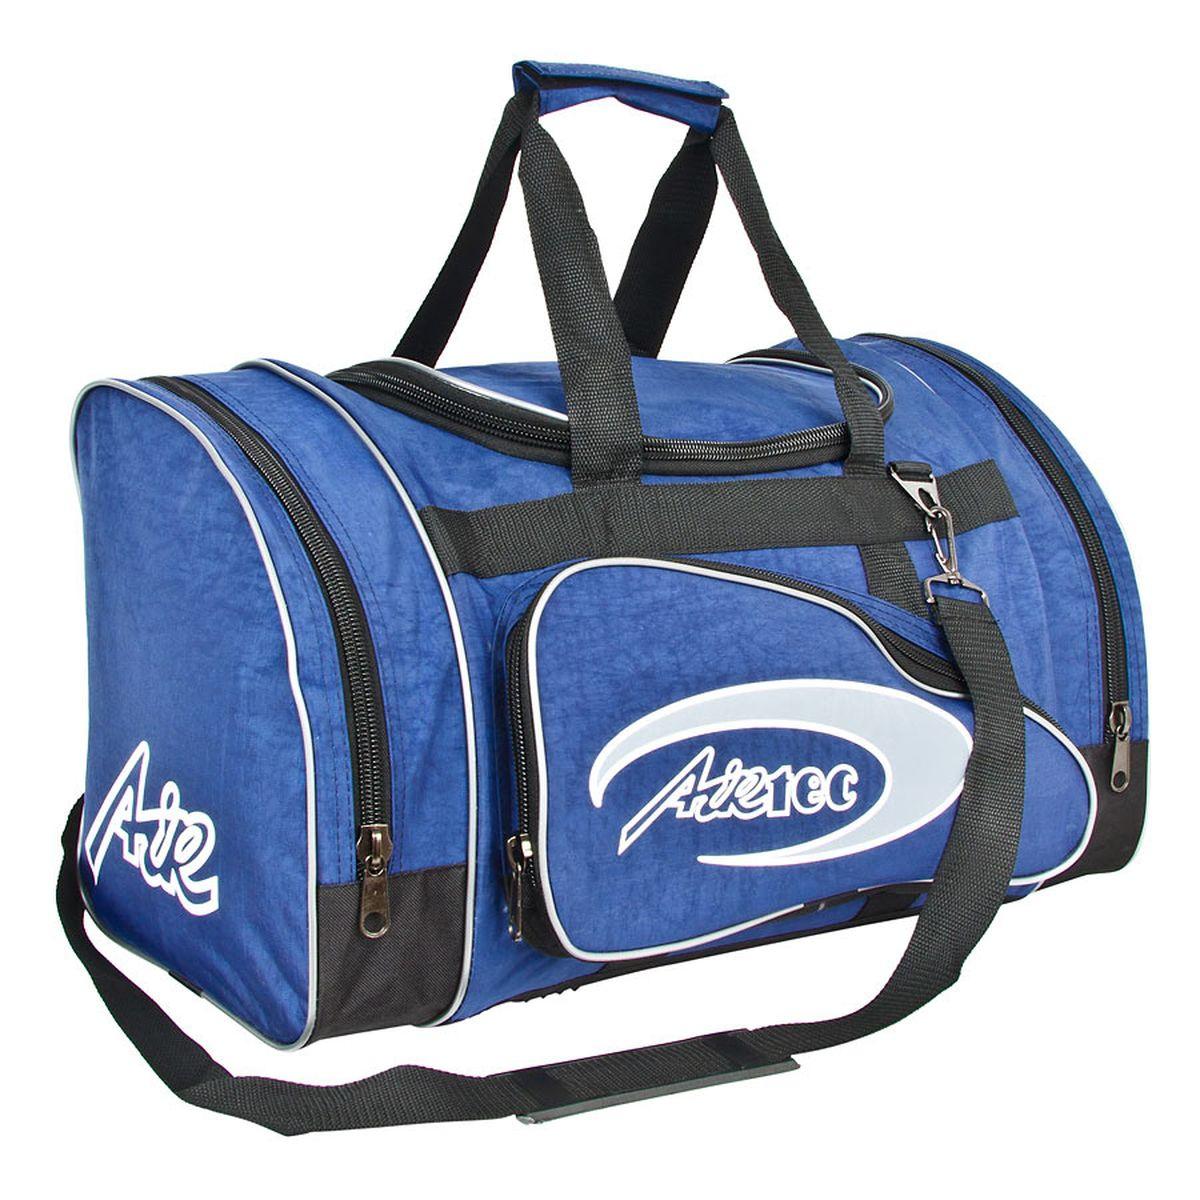 Сумка спортивная Polar, цвет: синий, 36 л. п03п03_синийМатериал – полиэстер с водоотталкивающей пропиткой. Вместительная спортивная сумка среднего размера. Одно отделение внутри. Карман на молнии. Два боковых кармана и два кармана на передней части. В комплект входит съемный плечевой ремень. Эта сумка идеально подойдет для спорта и отдыха. Спортивная сумка для ваших вещей.